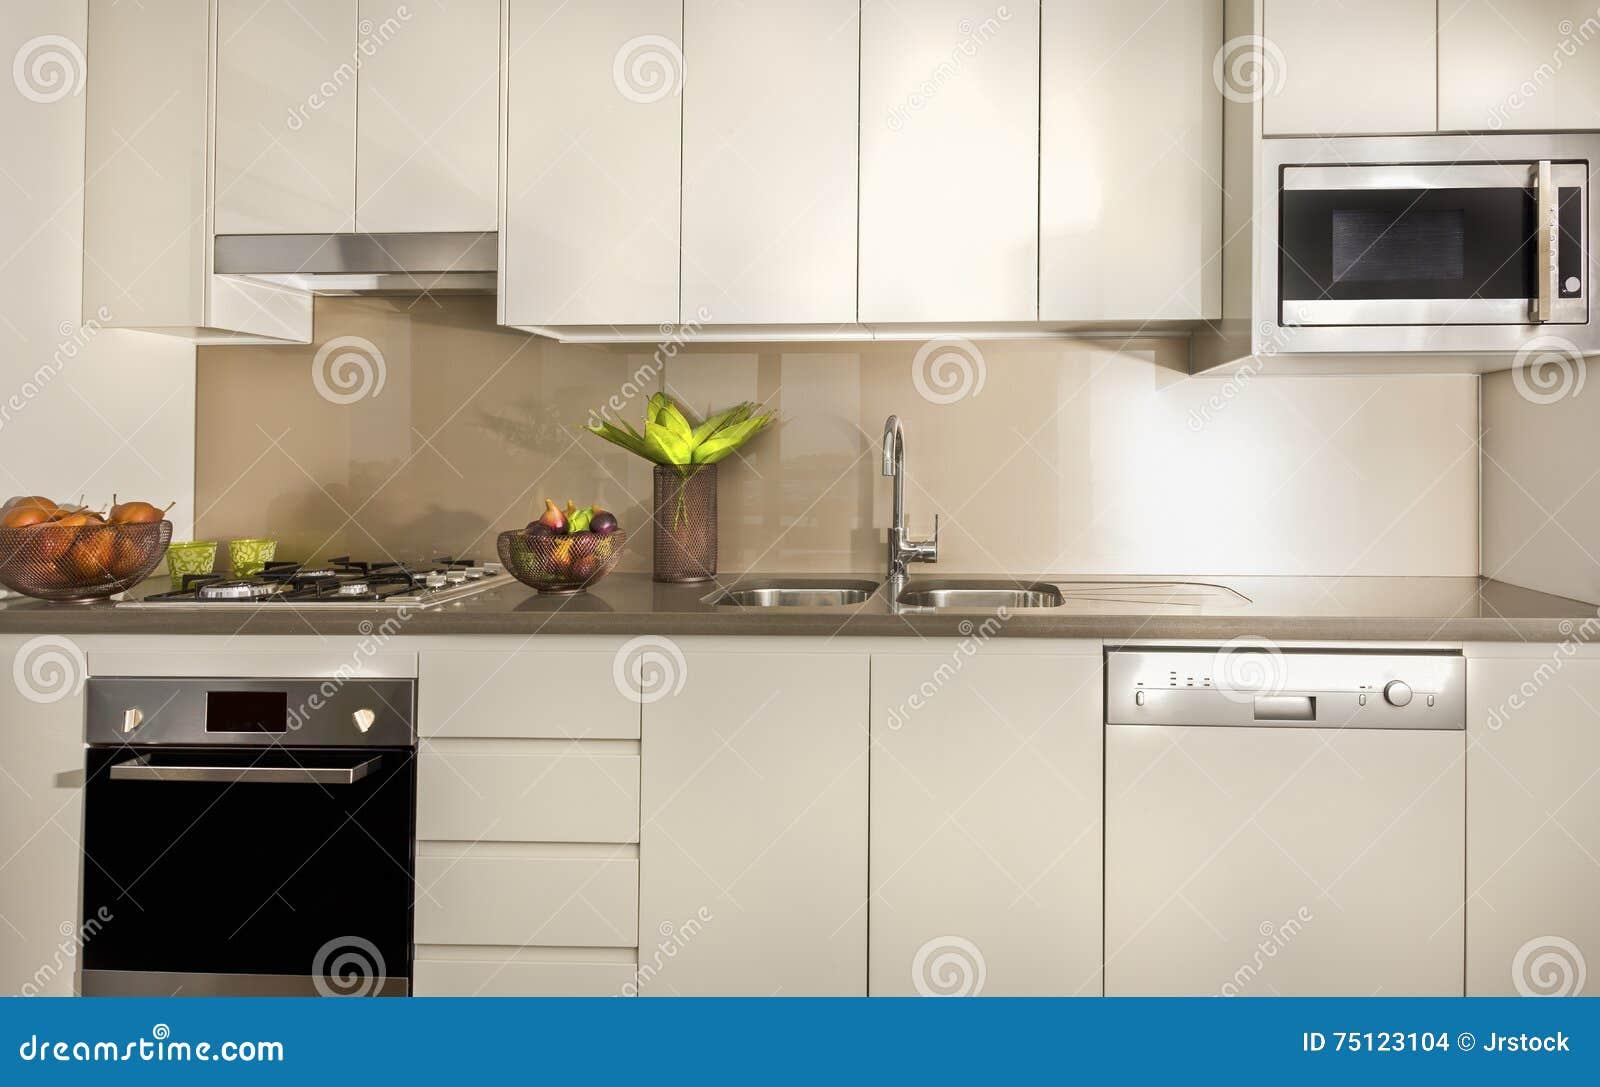 Cocina moderna con los armarios y la encimera de la despensa